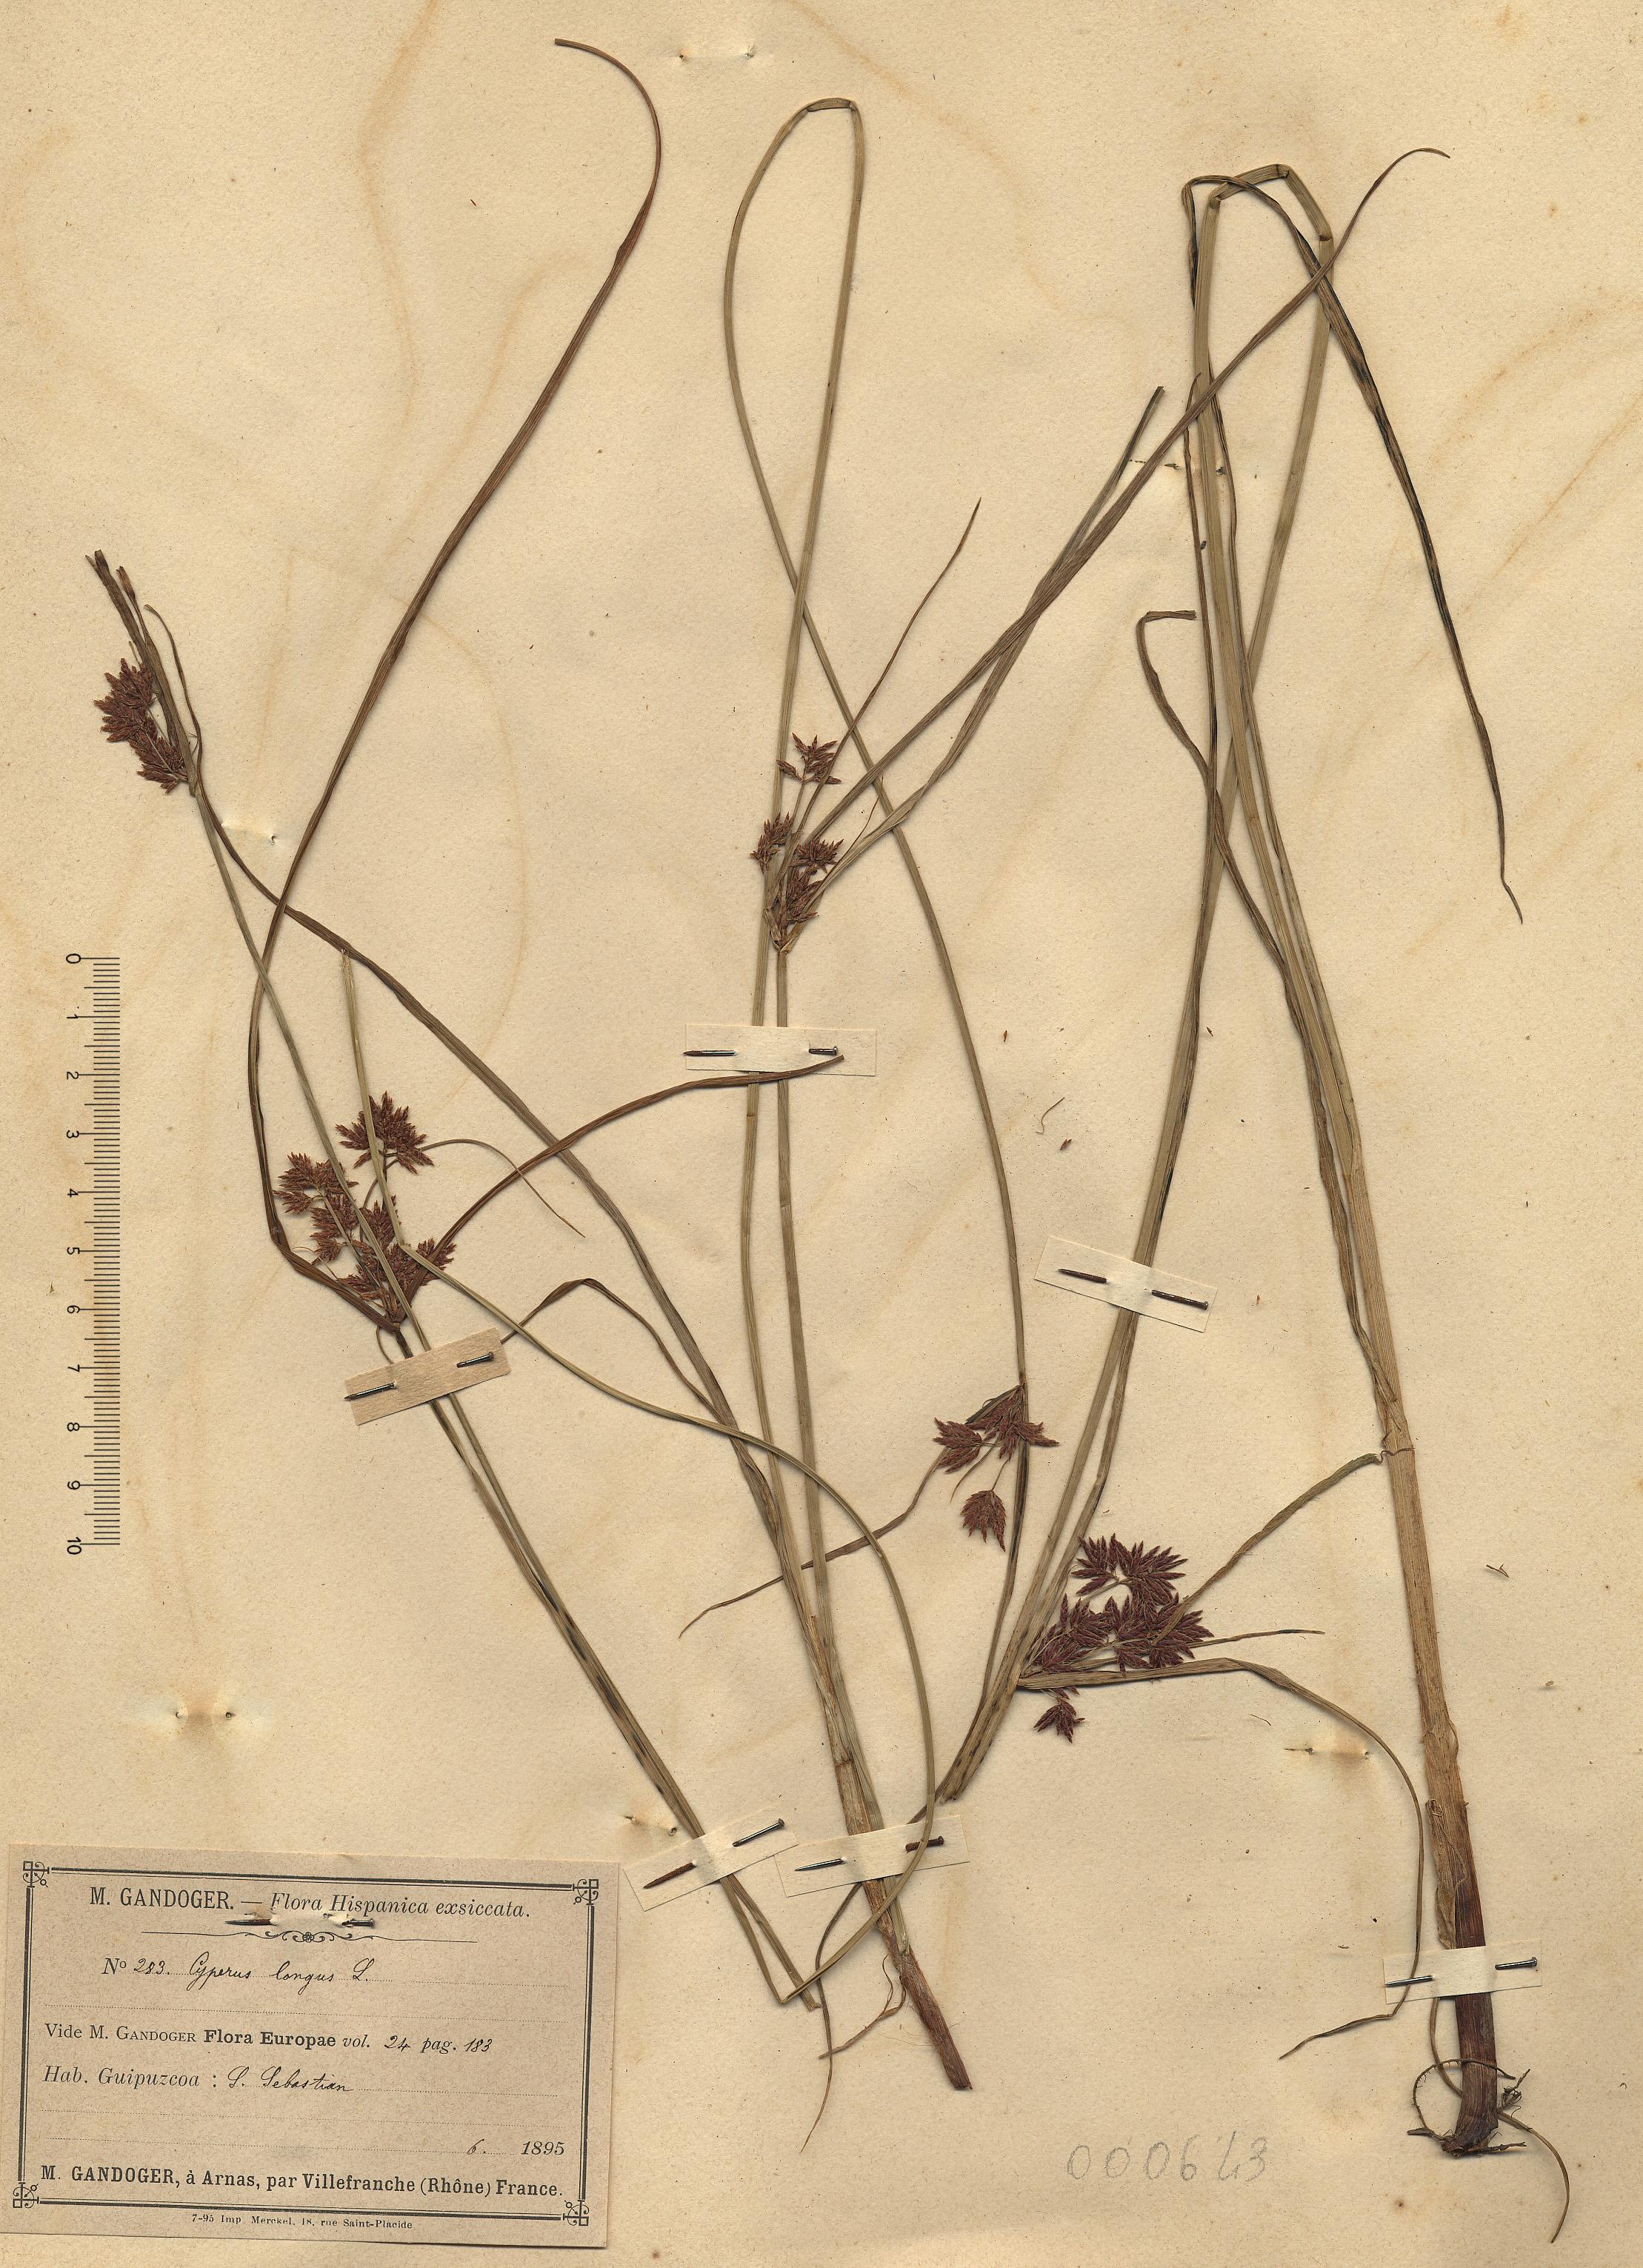 © Hortus Botanicus Catinensis - Herb. sheet 000643<br>